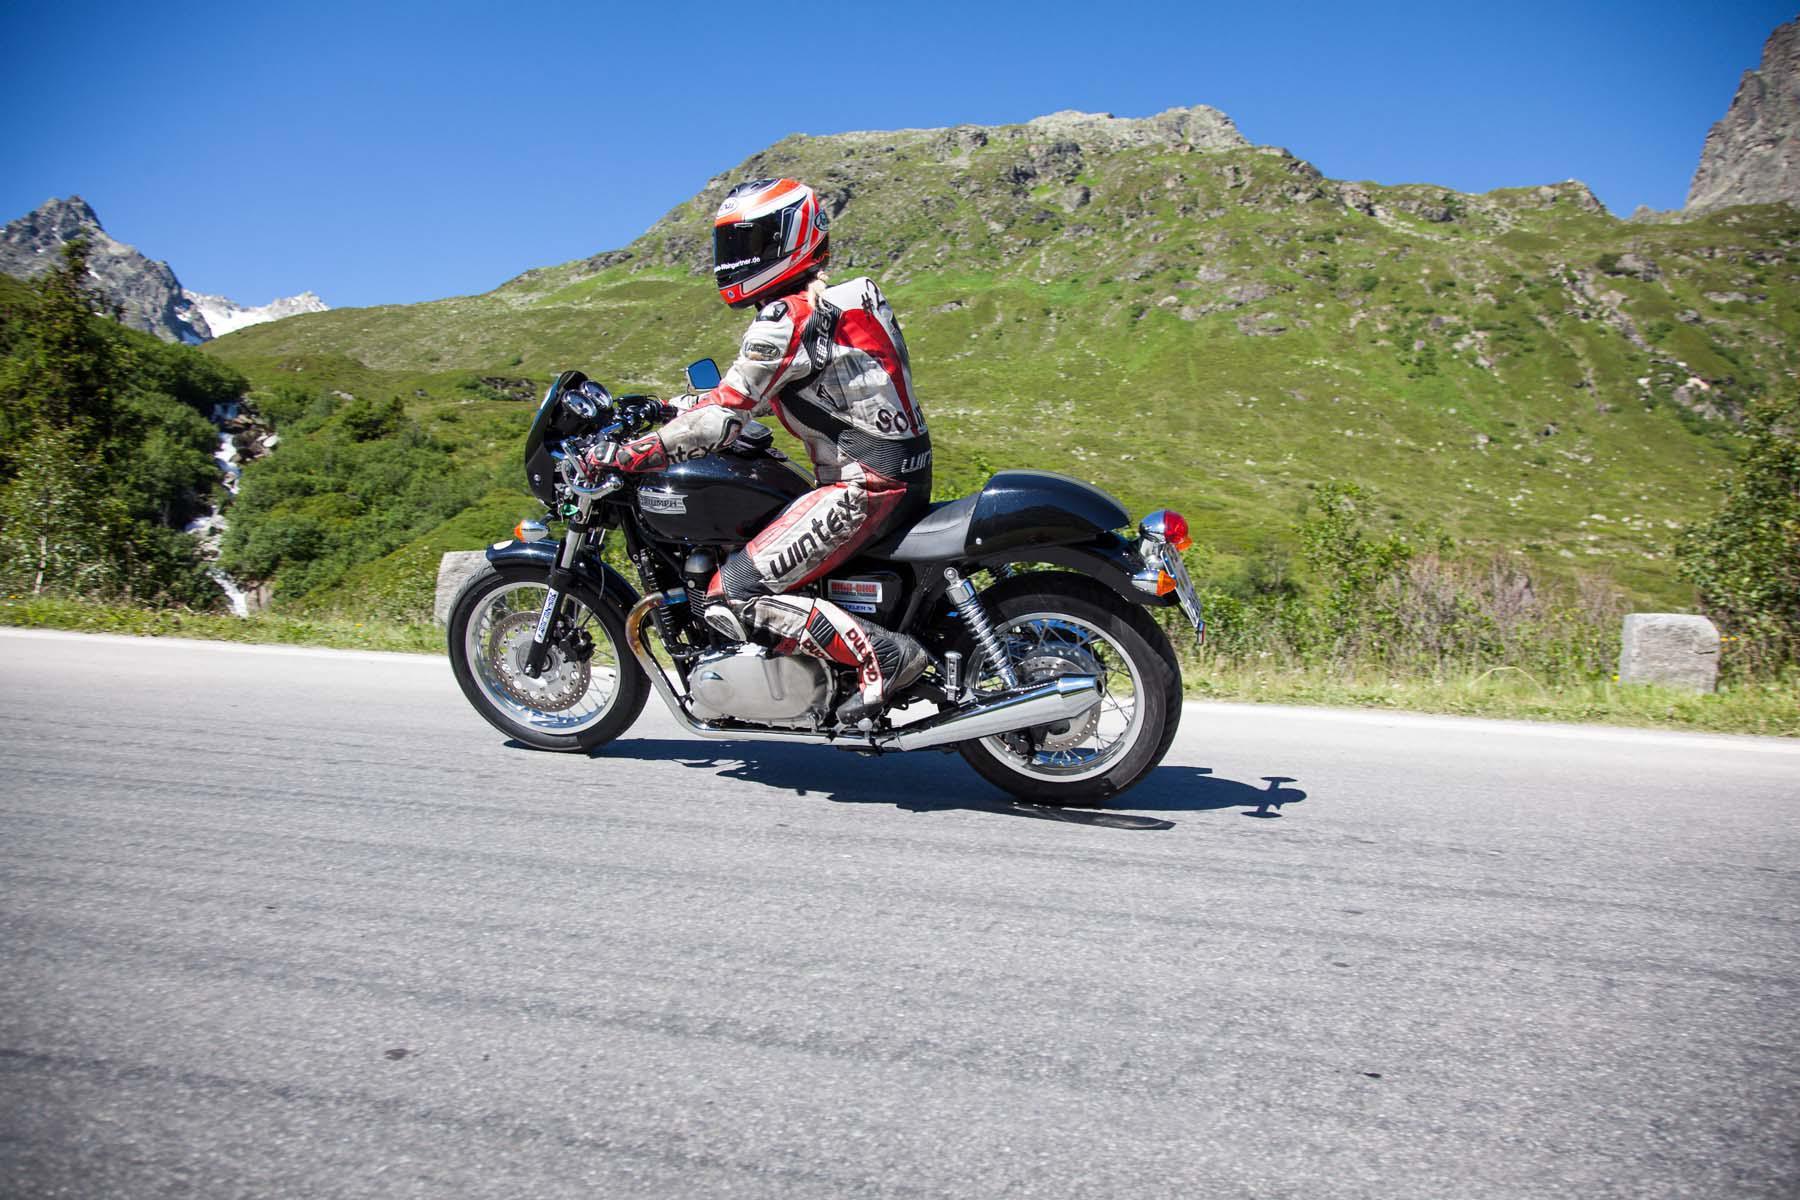 http://www.motorrad-bilder.at/slideshows/291/011302/high_bike_2014-99.jpg